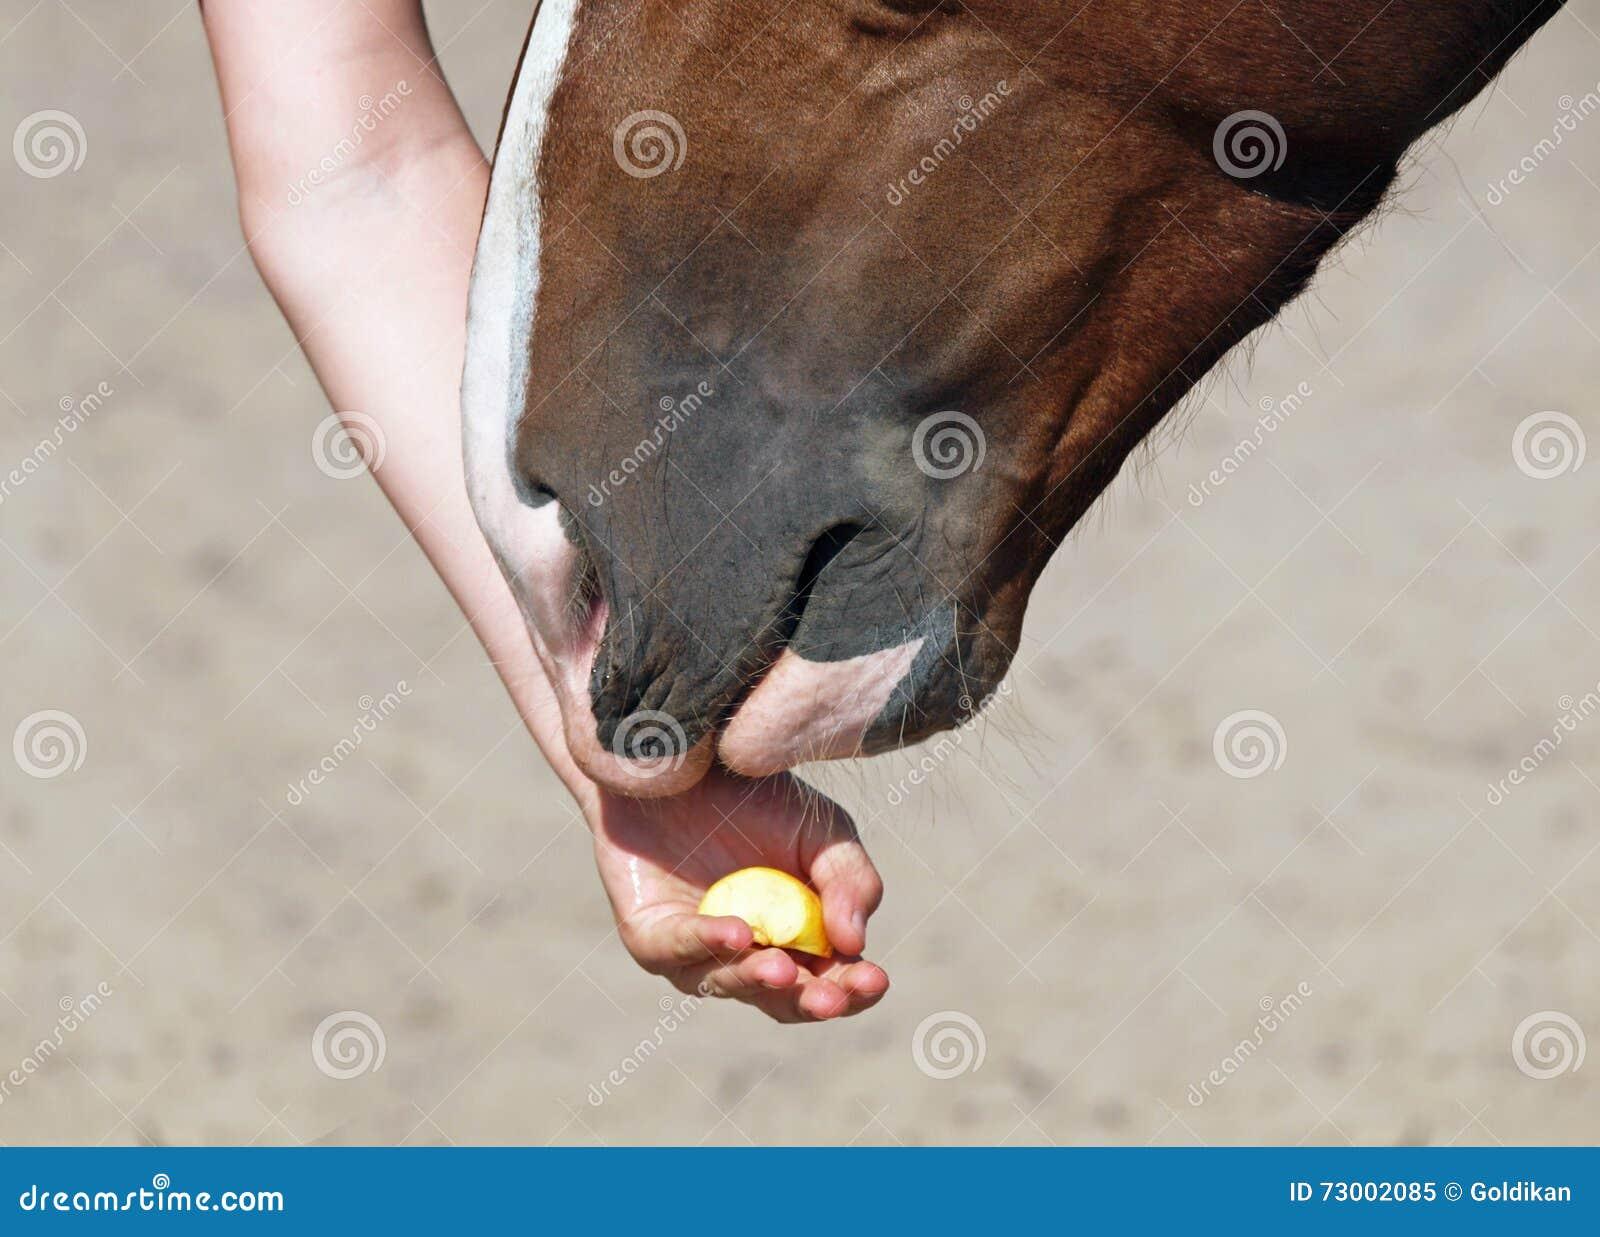 El caballo recibe una delicadeza